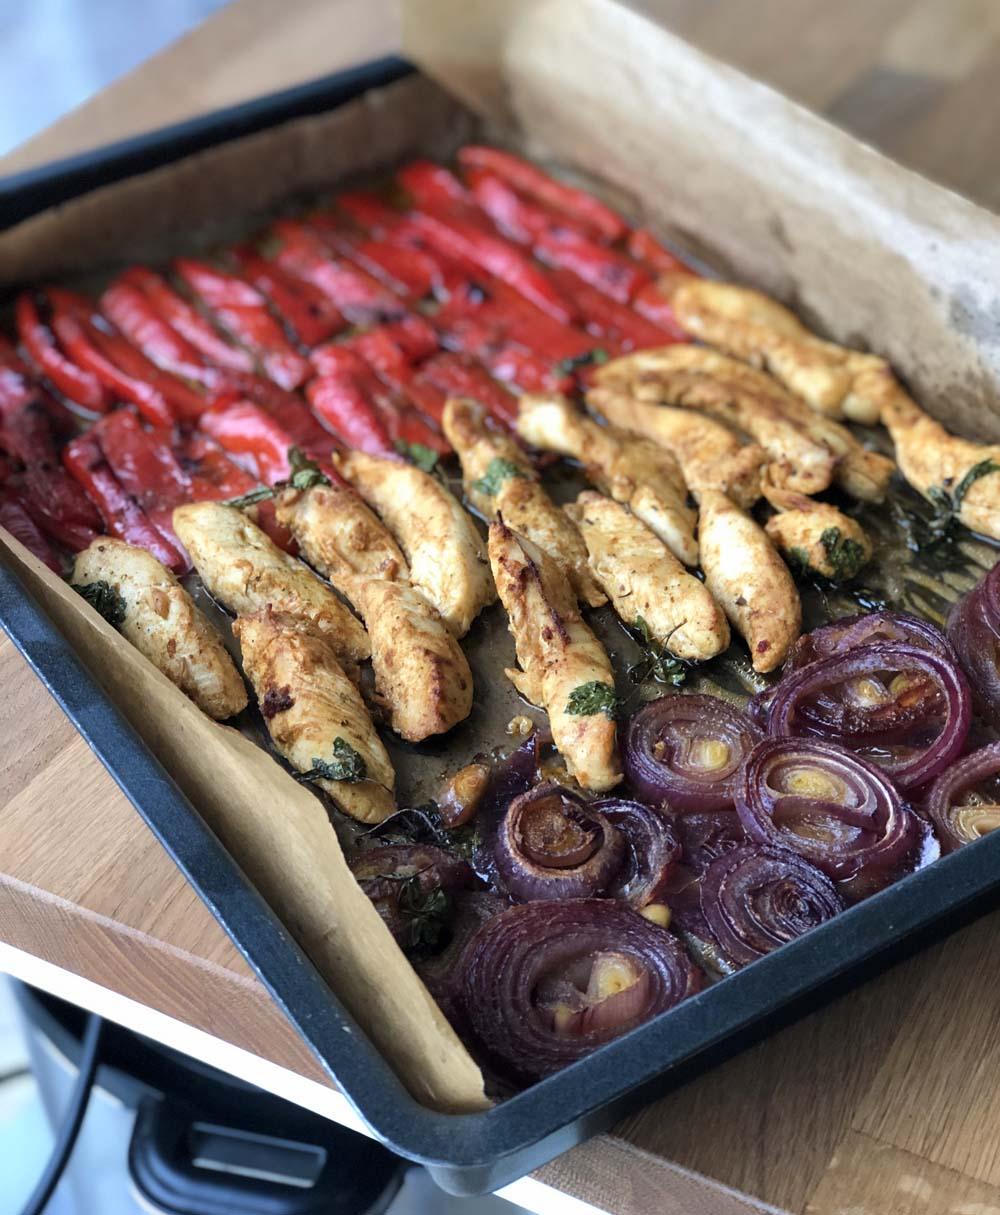 Fertig gegarte Gemüse udn Fleisch für die Fajitas